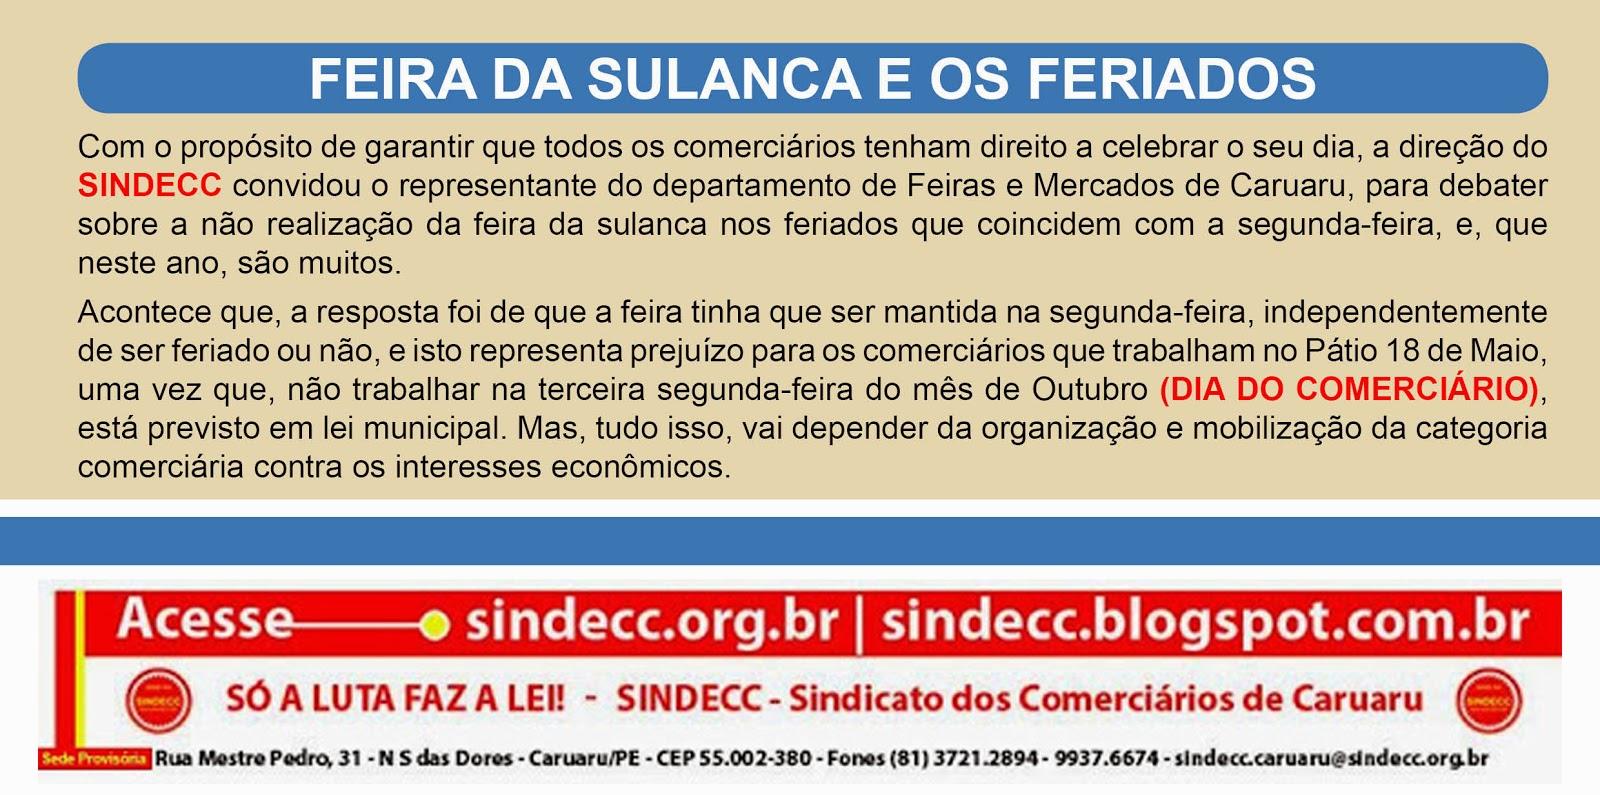 FEIRA DA SULANCA E OS FERIADOS.